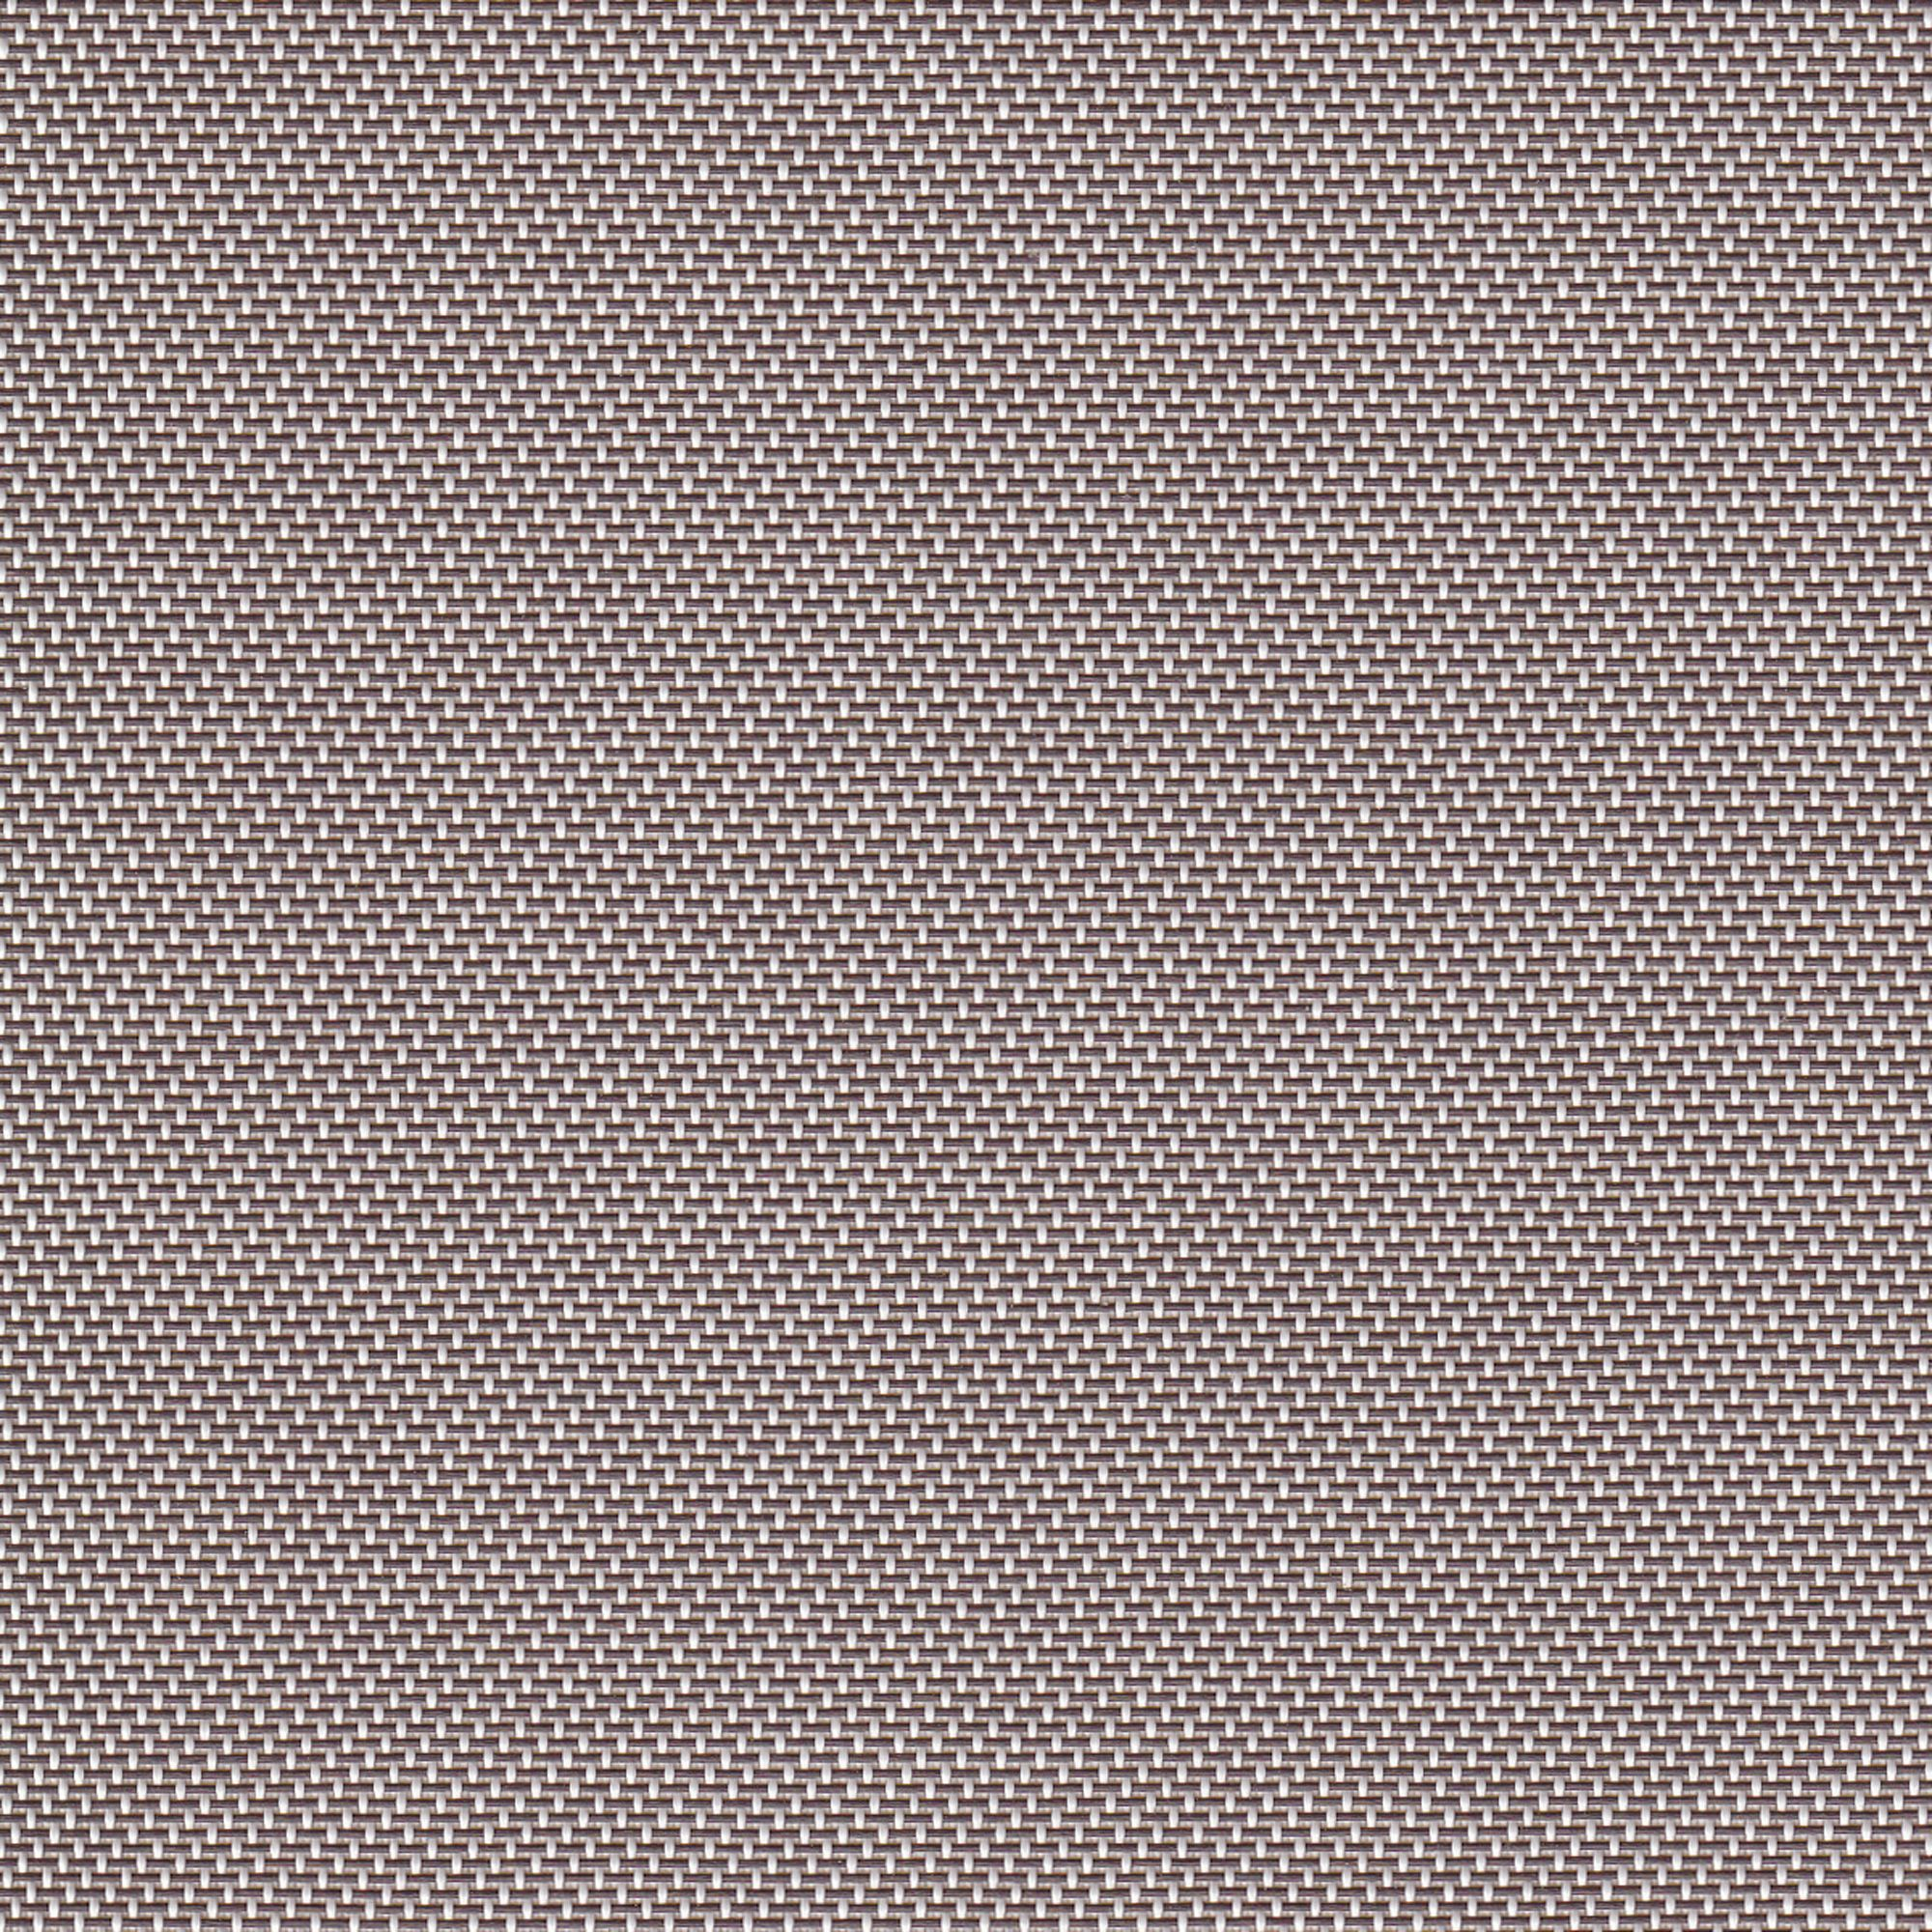 Nordic Screen Twill White-Bronze